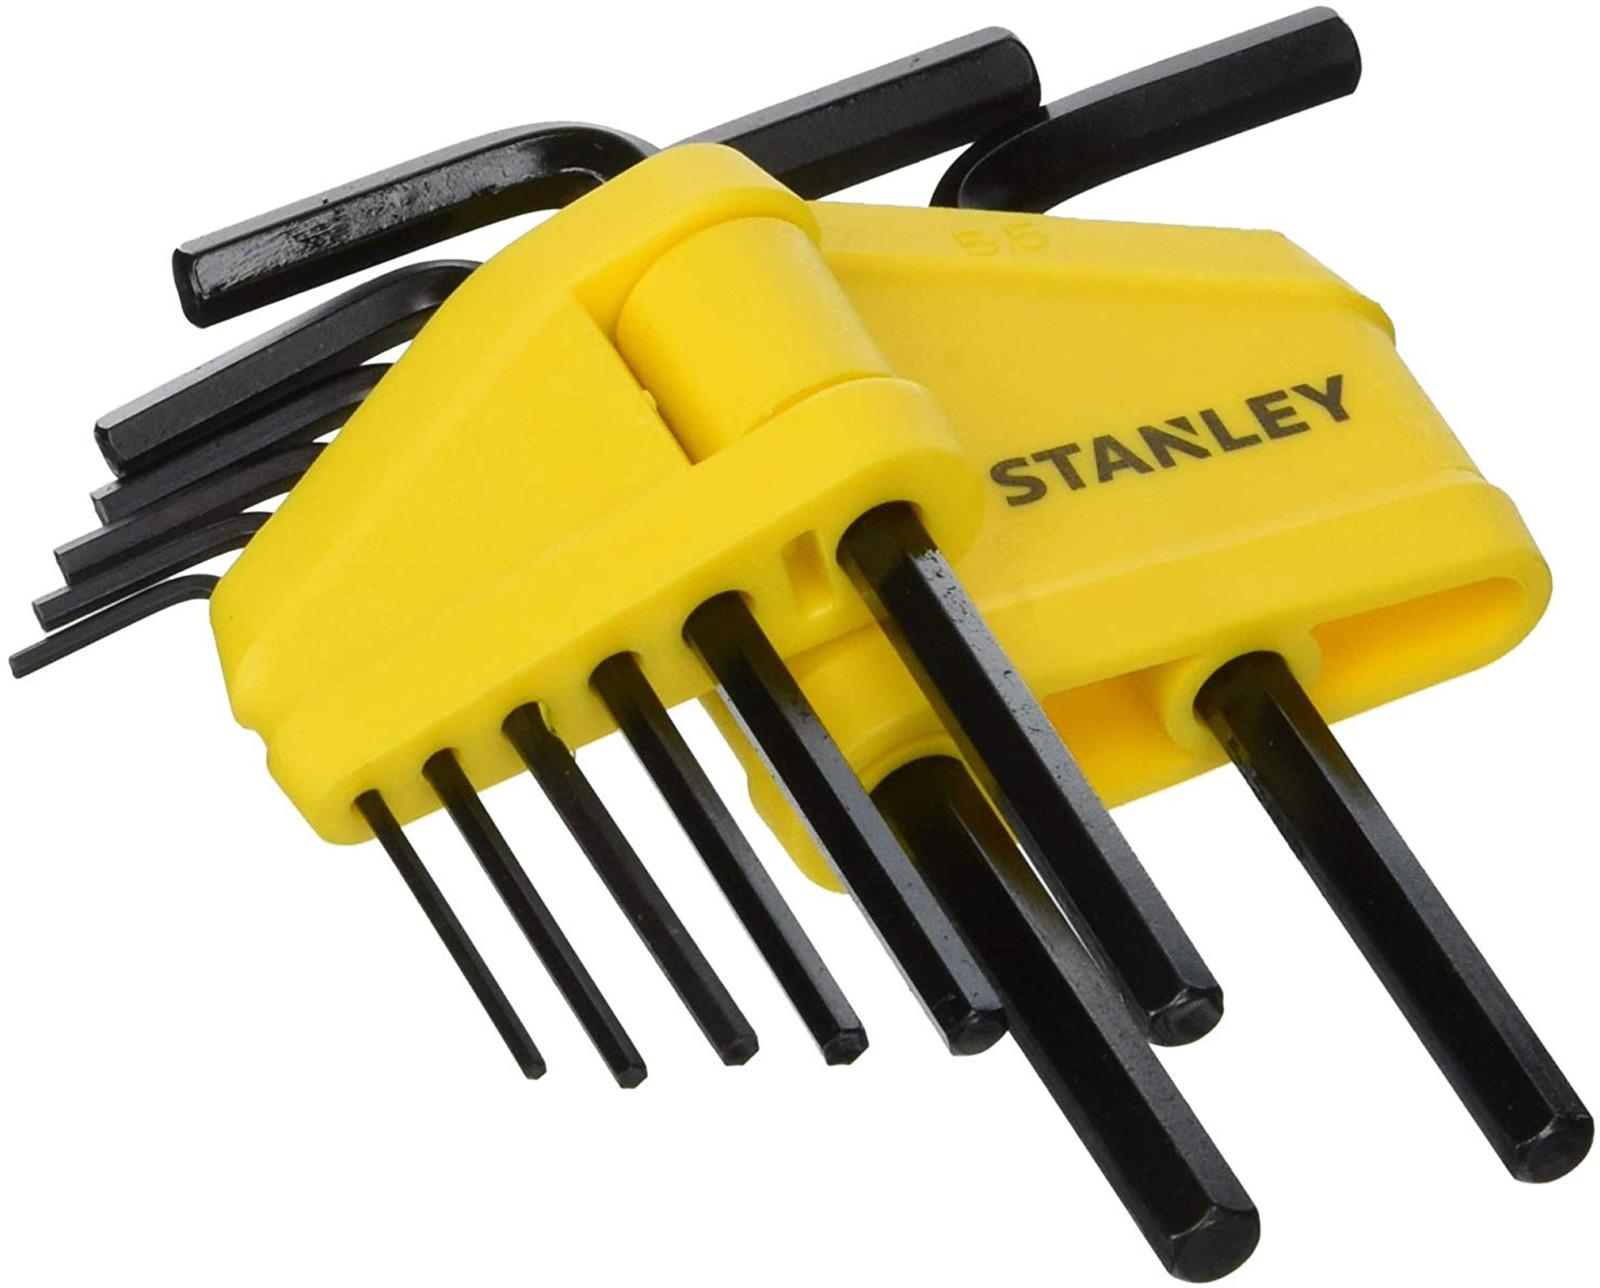 Набор шестигранных ключей Stanley, 1,5-6 мм, 8 шт цена